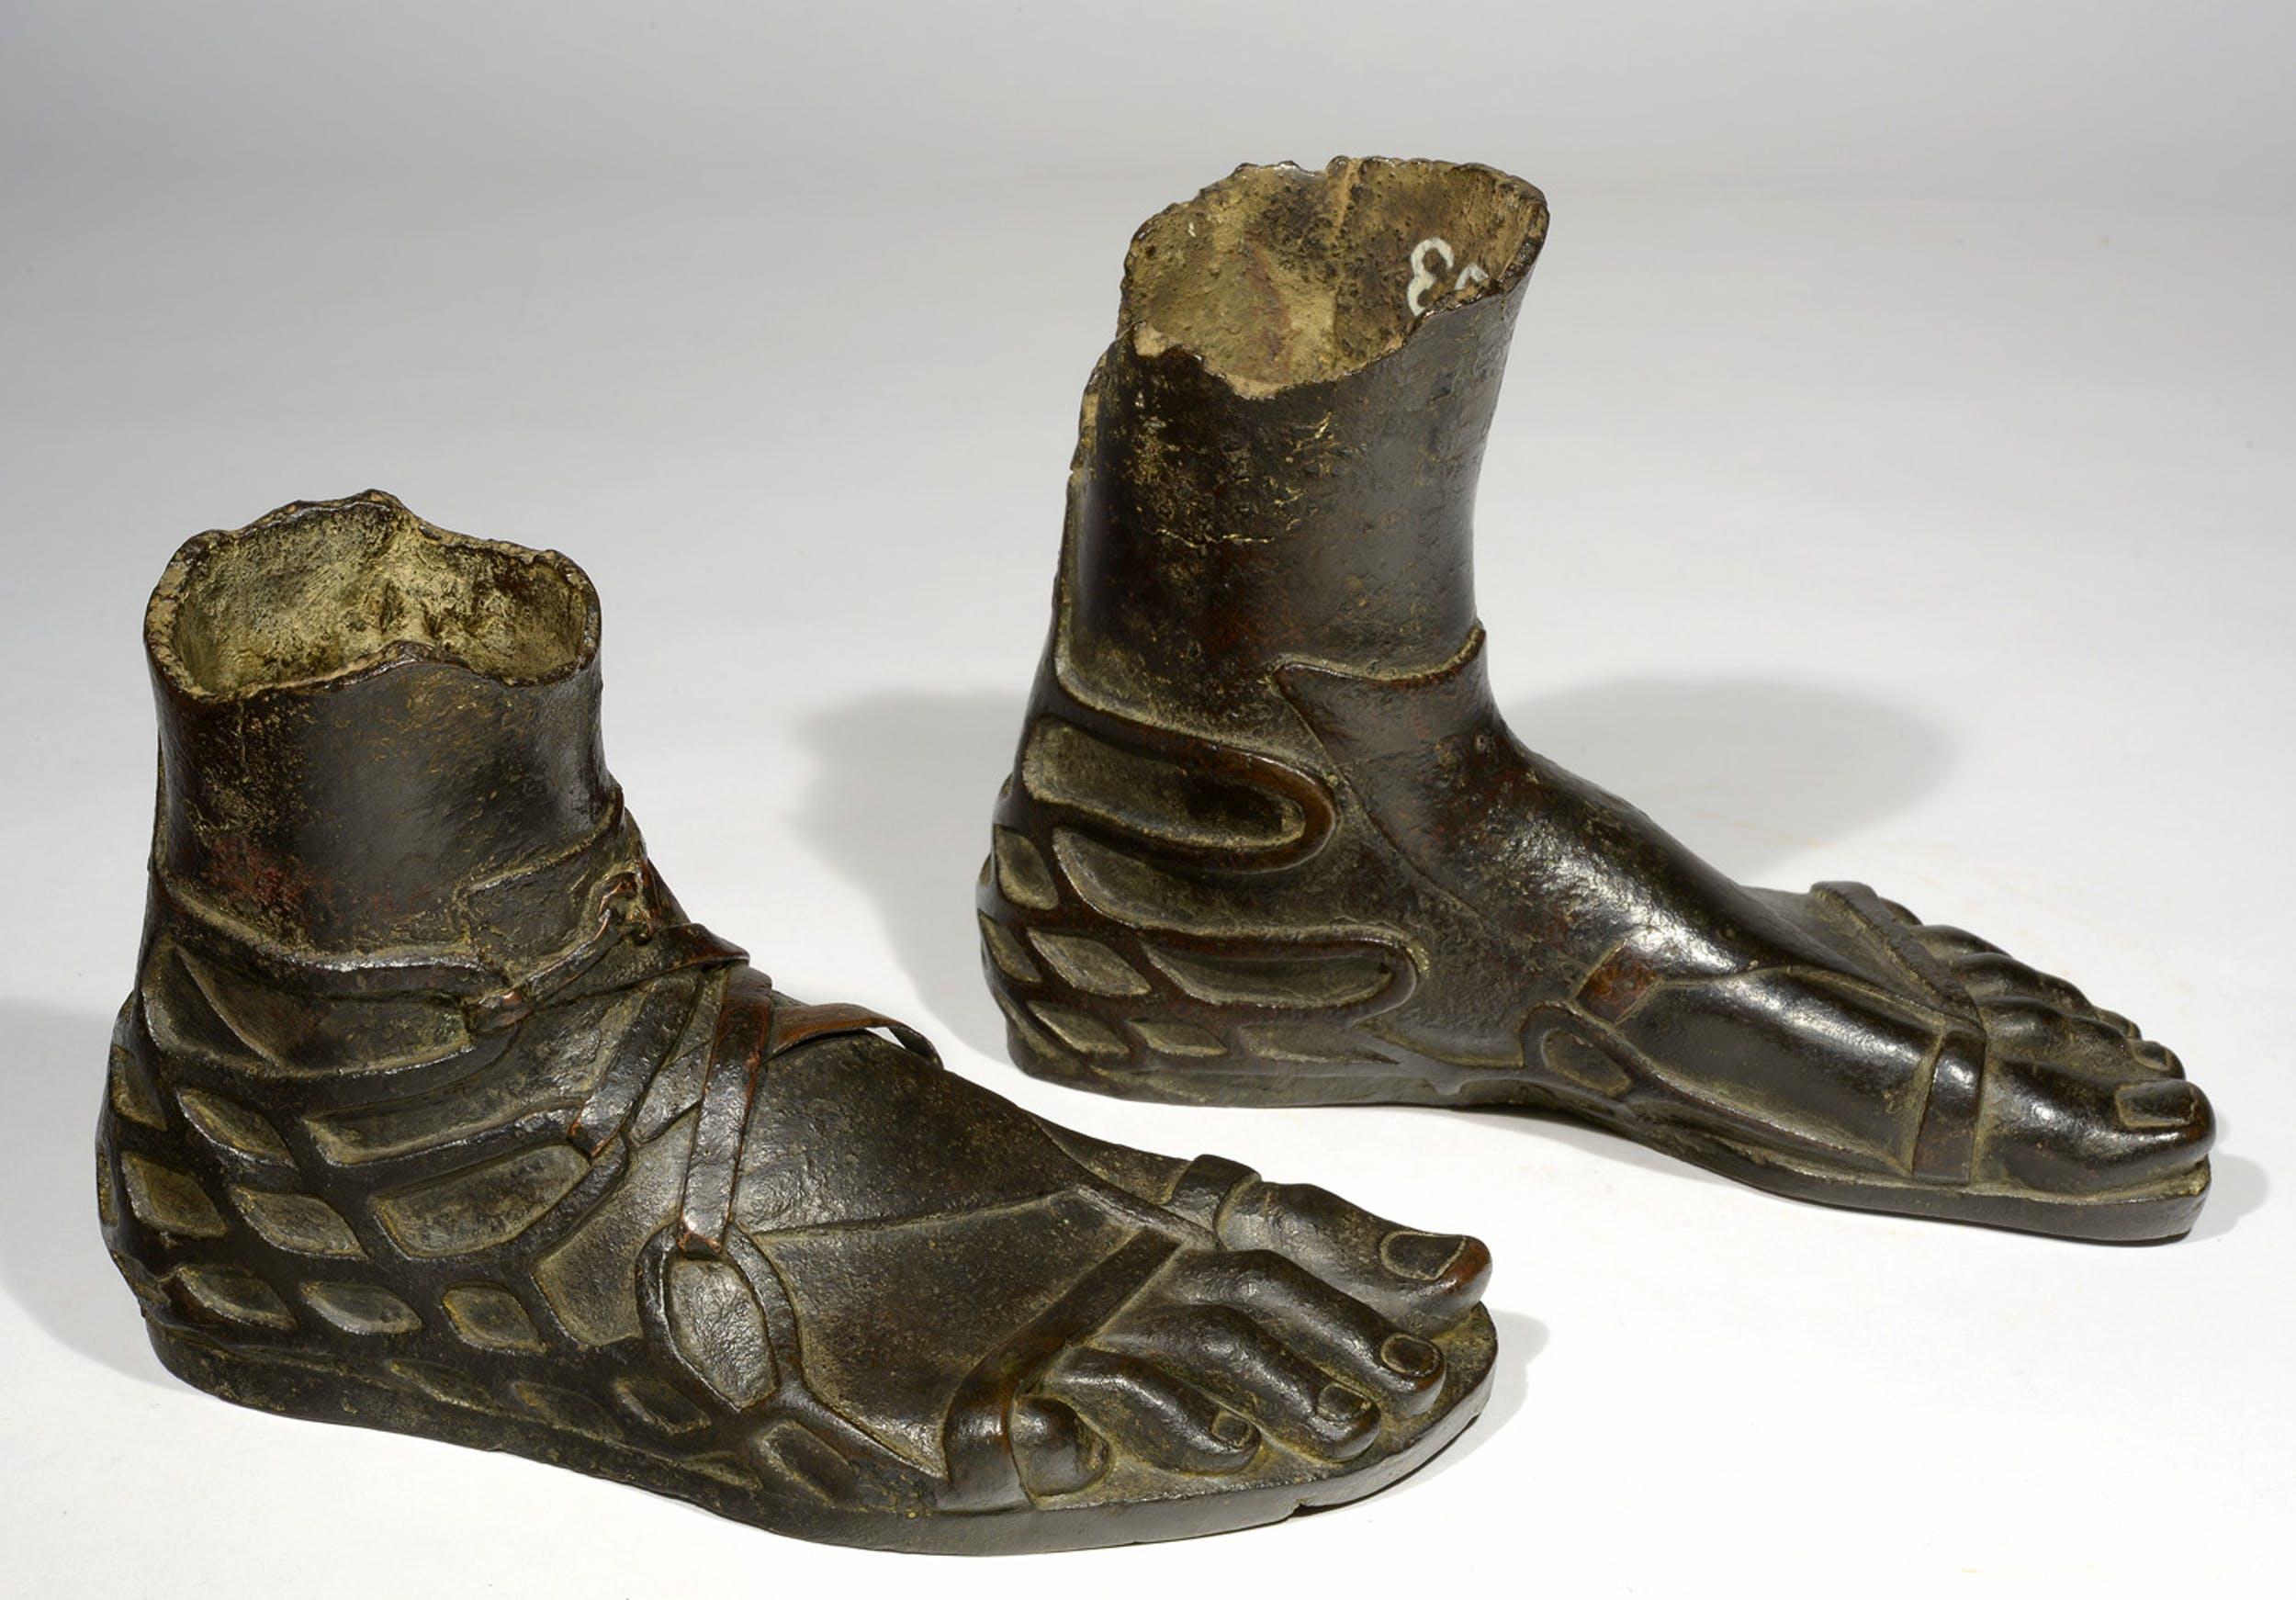 """Giovedì 6 e venerdì 7 febbraio – Mostra """"Ai piedi degli dei. L'arte della calzatura tra antica Roma, cinema colossal e moda contemporanea"""""""